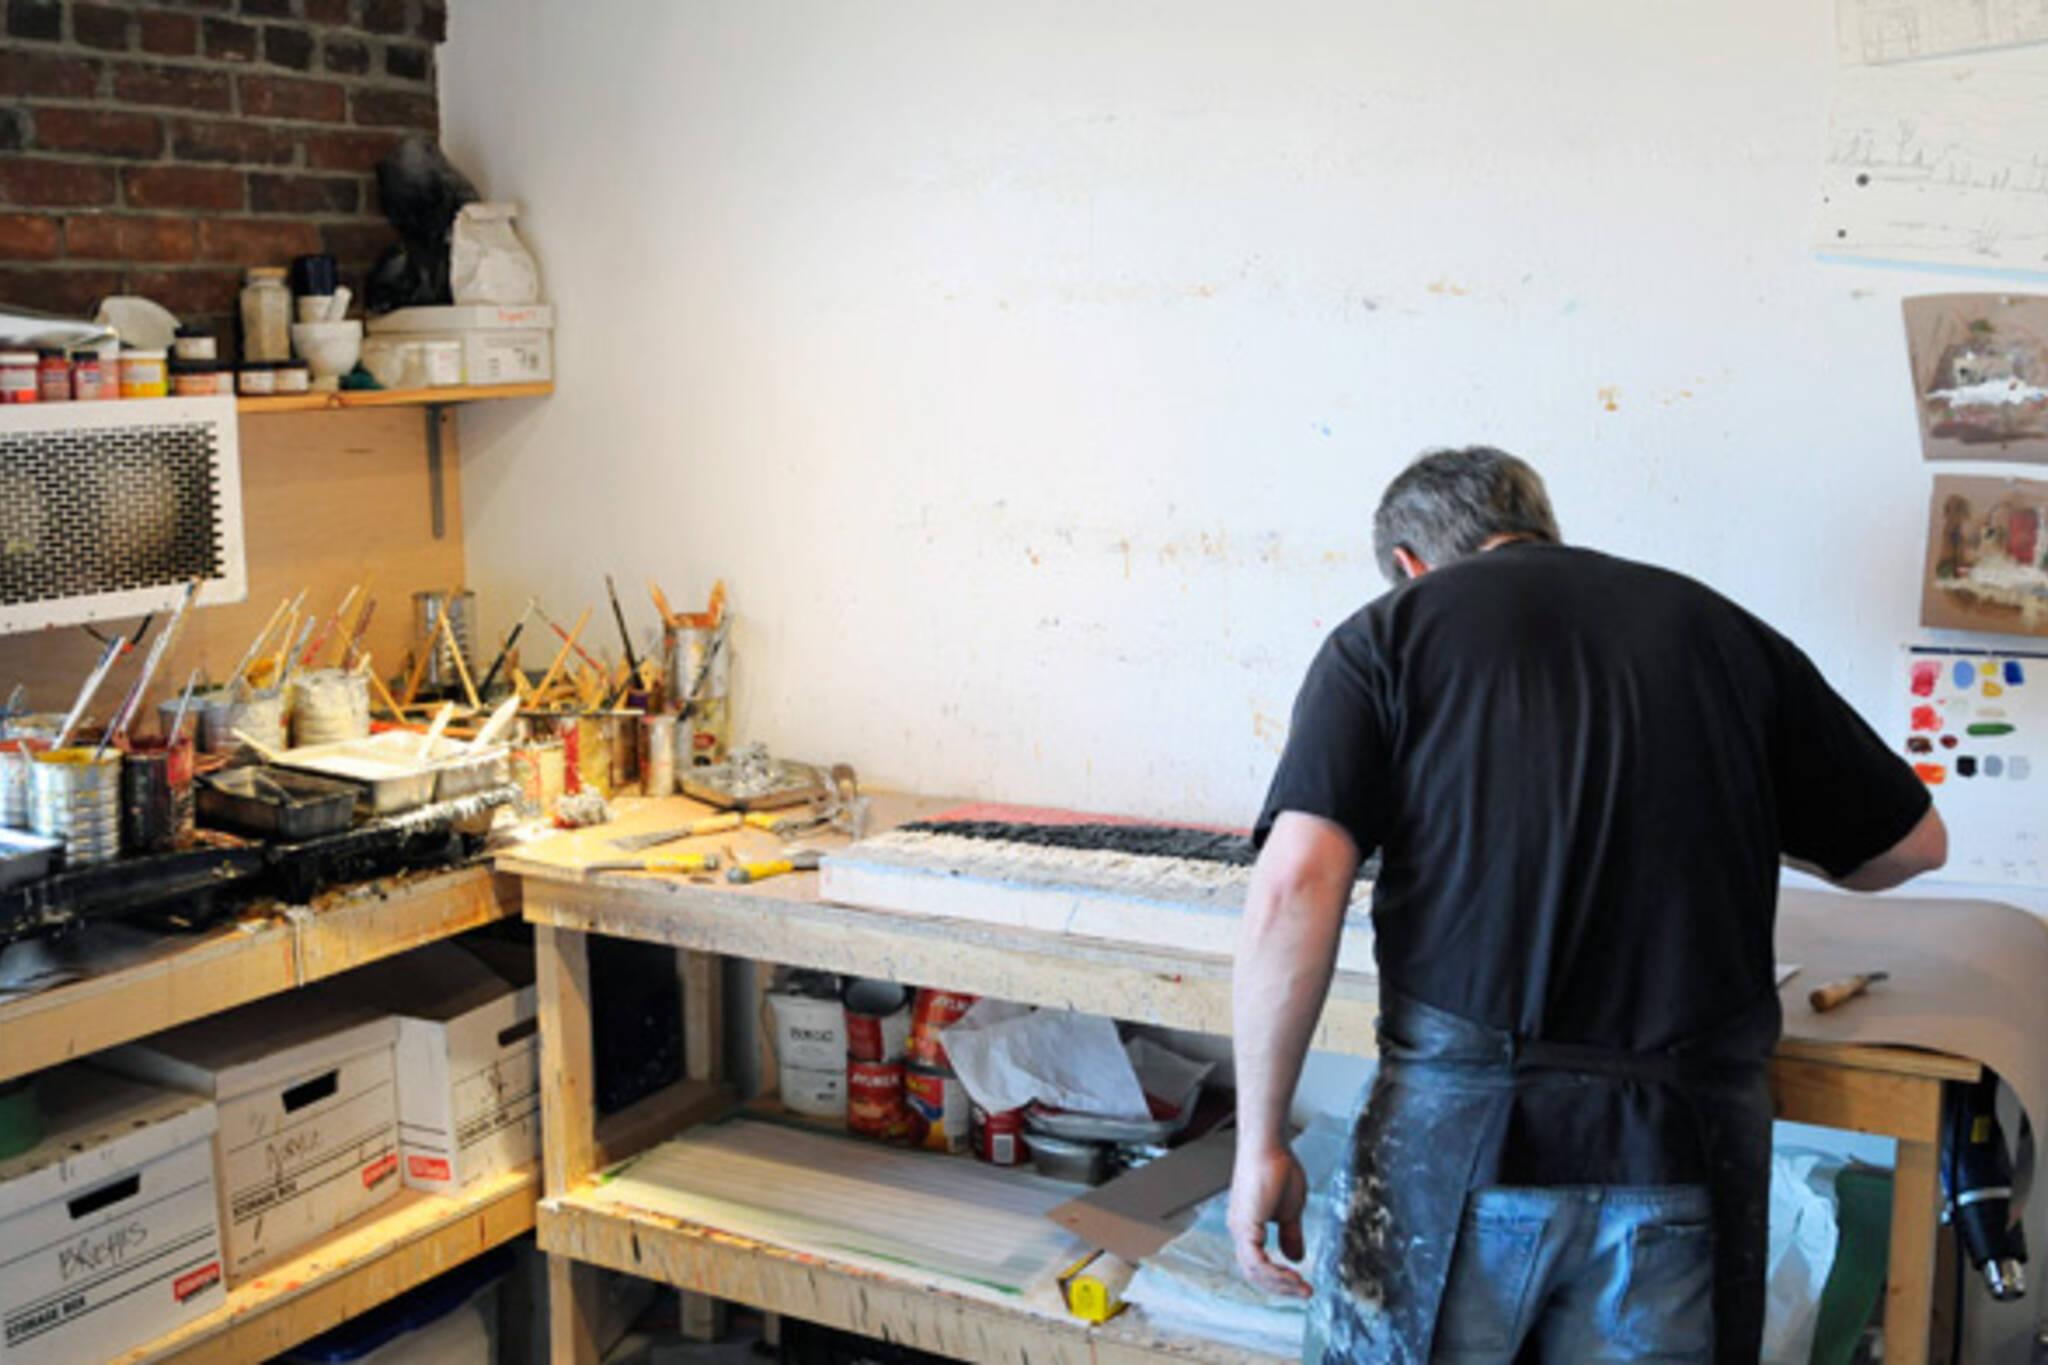 Studio Space Toronto